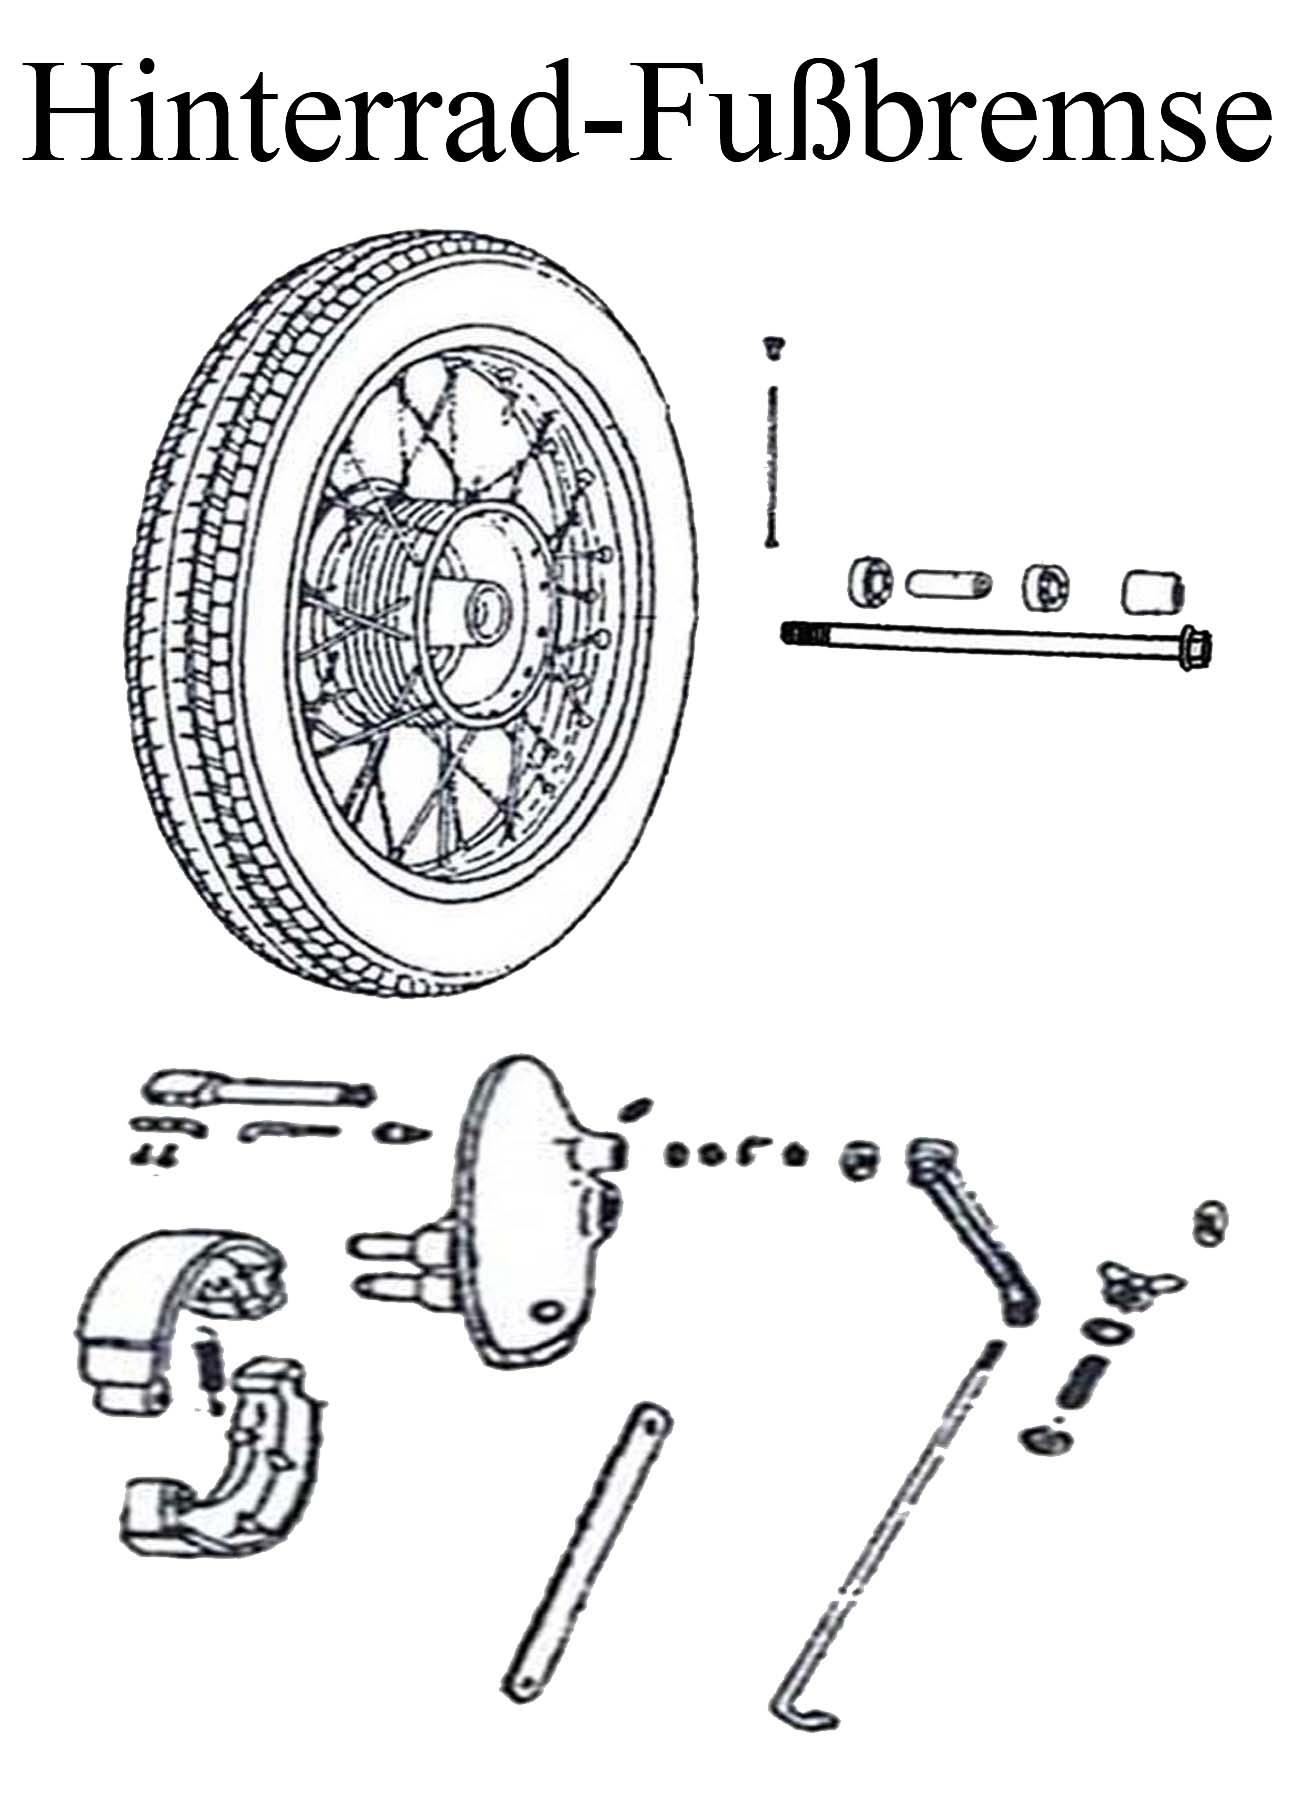 DDR-Motorrad MTZ 125-150 Ersatzteileliste Hinterrad Reifen Speiche Felgenband Radlager Bremsbacken Hebel Lichtkontakt